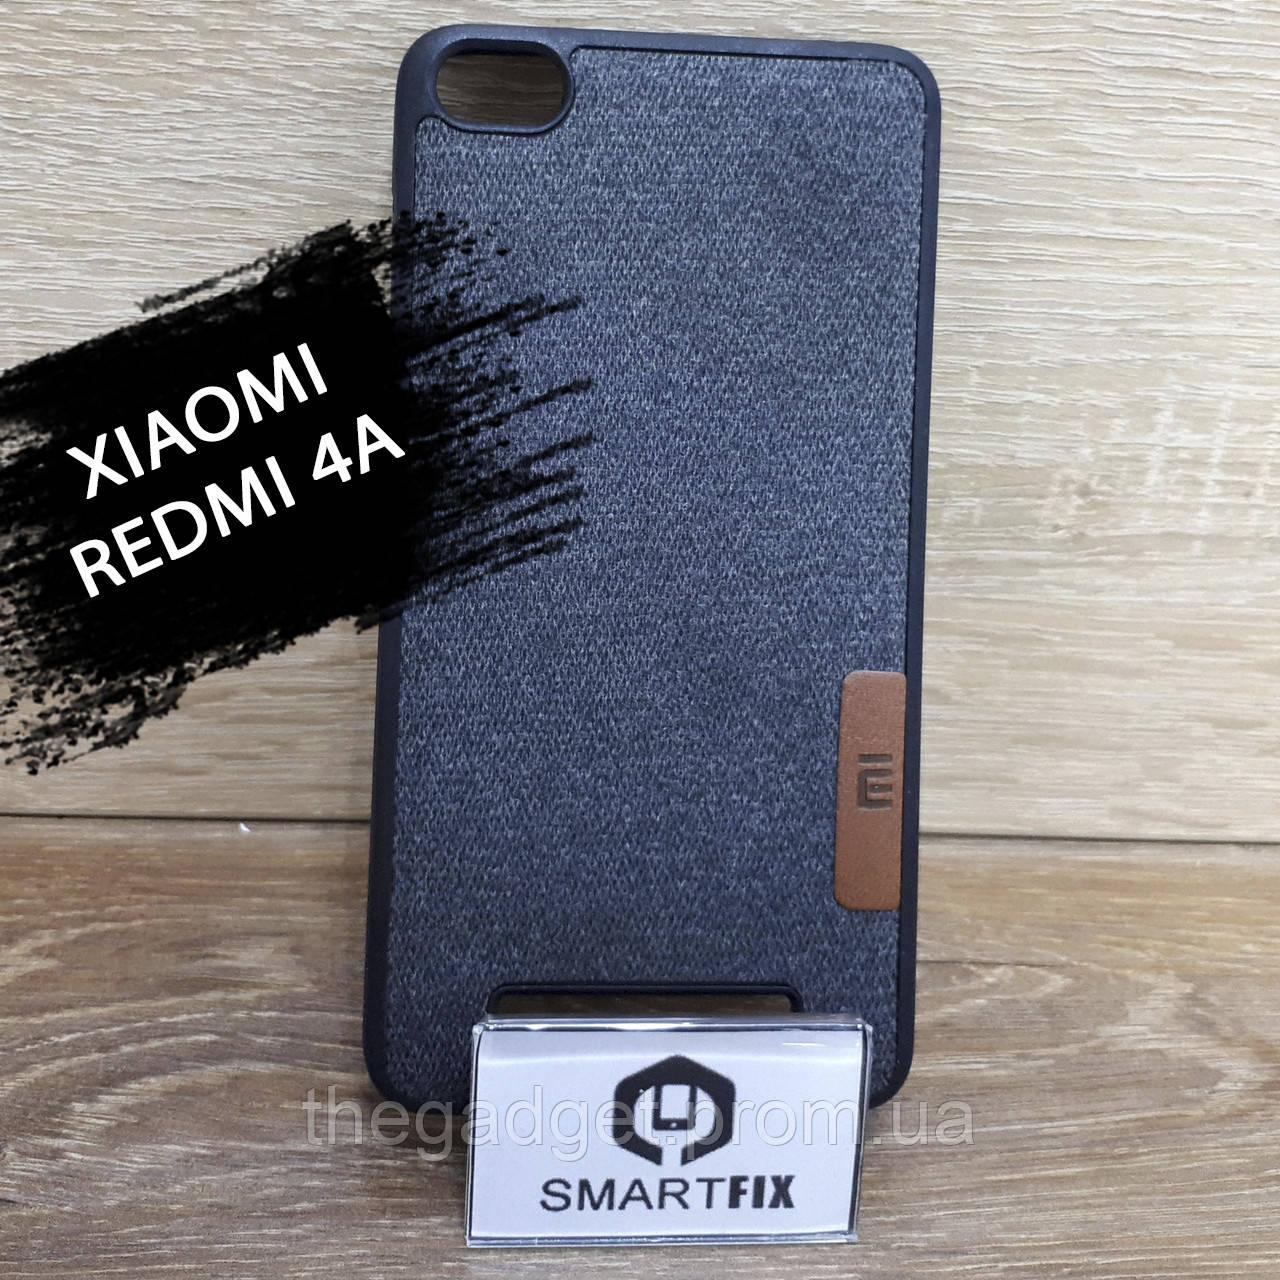 Фактурный силиконовый чехол для Xiaomi Redmi 4a